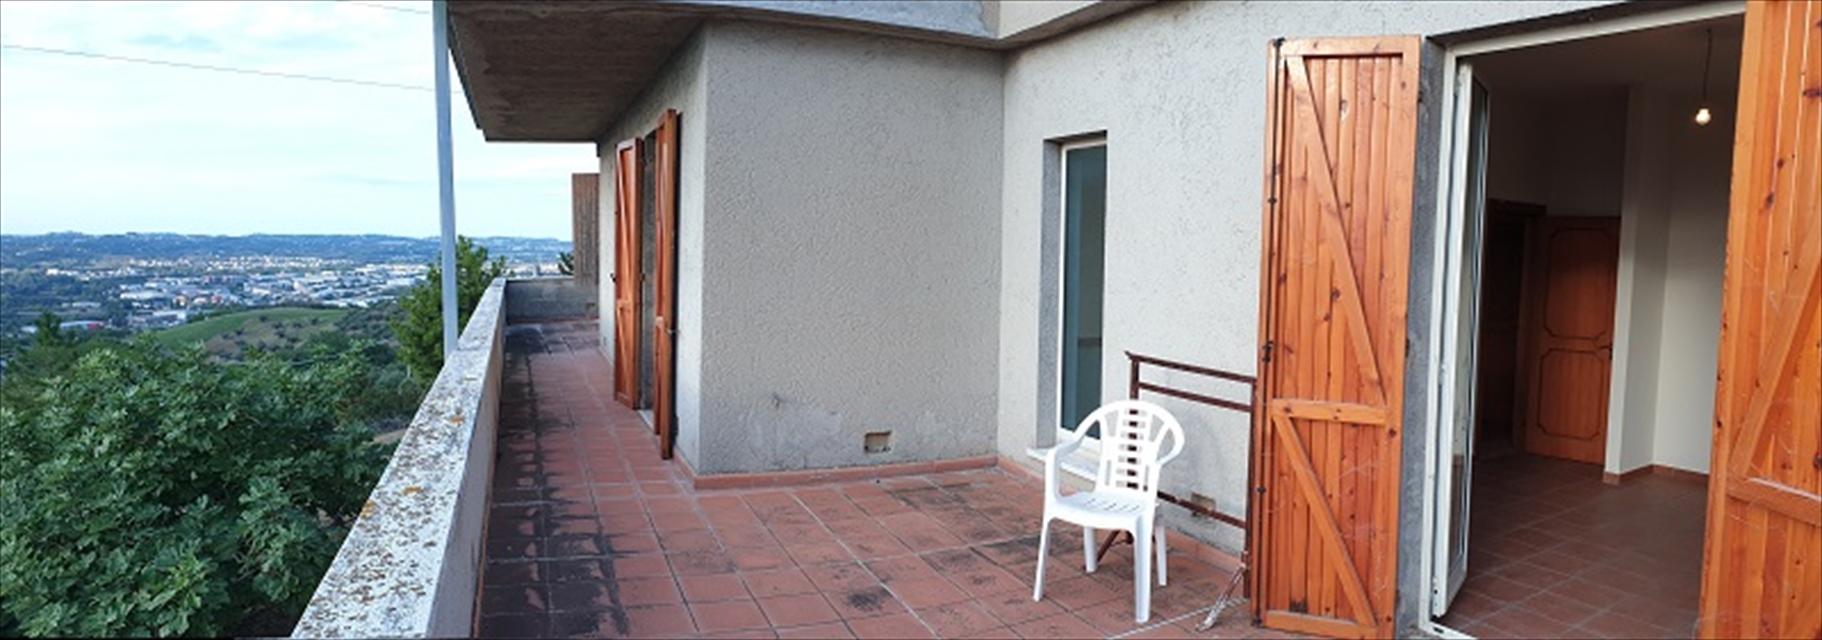 Casa Indipendente Chieti 100